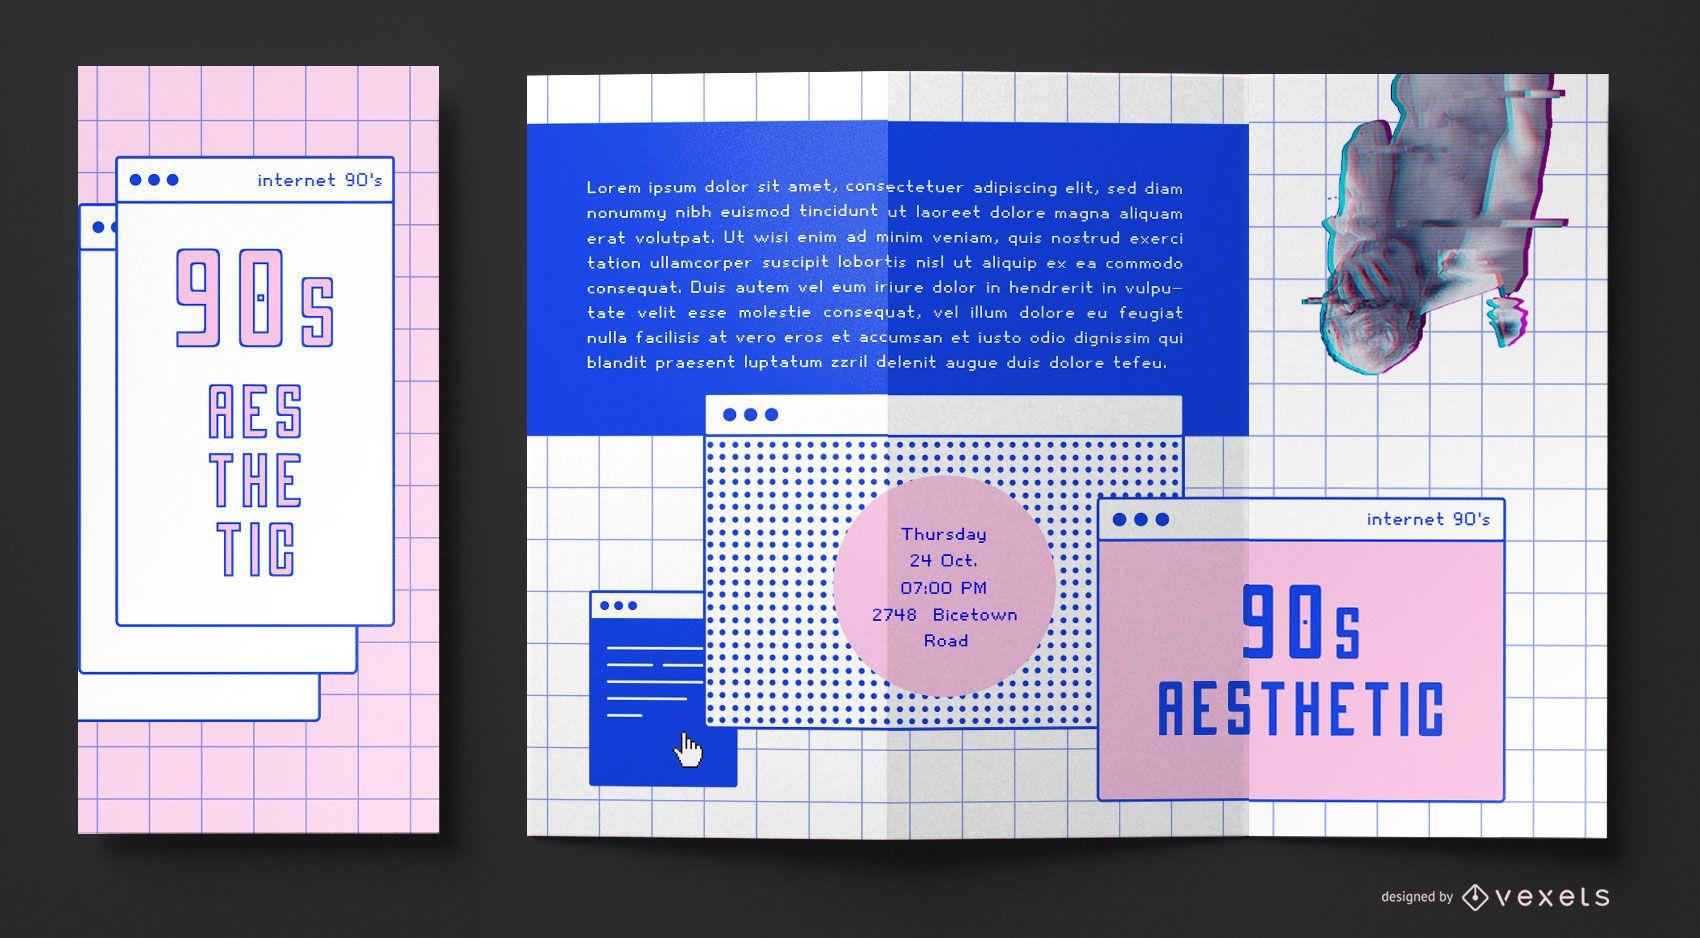 Brochura de estética da internet dos anos 90